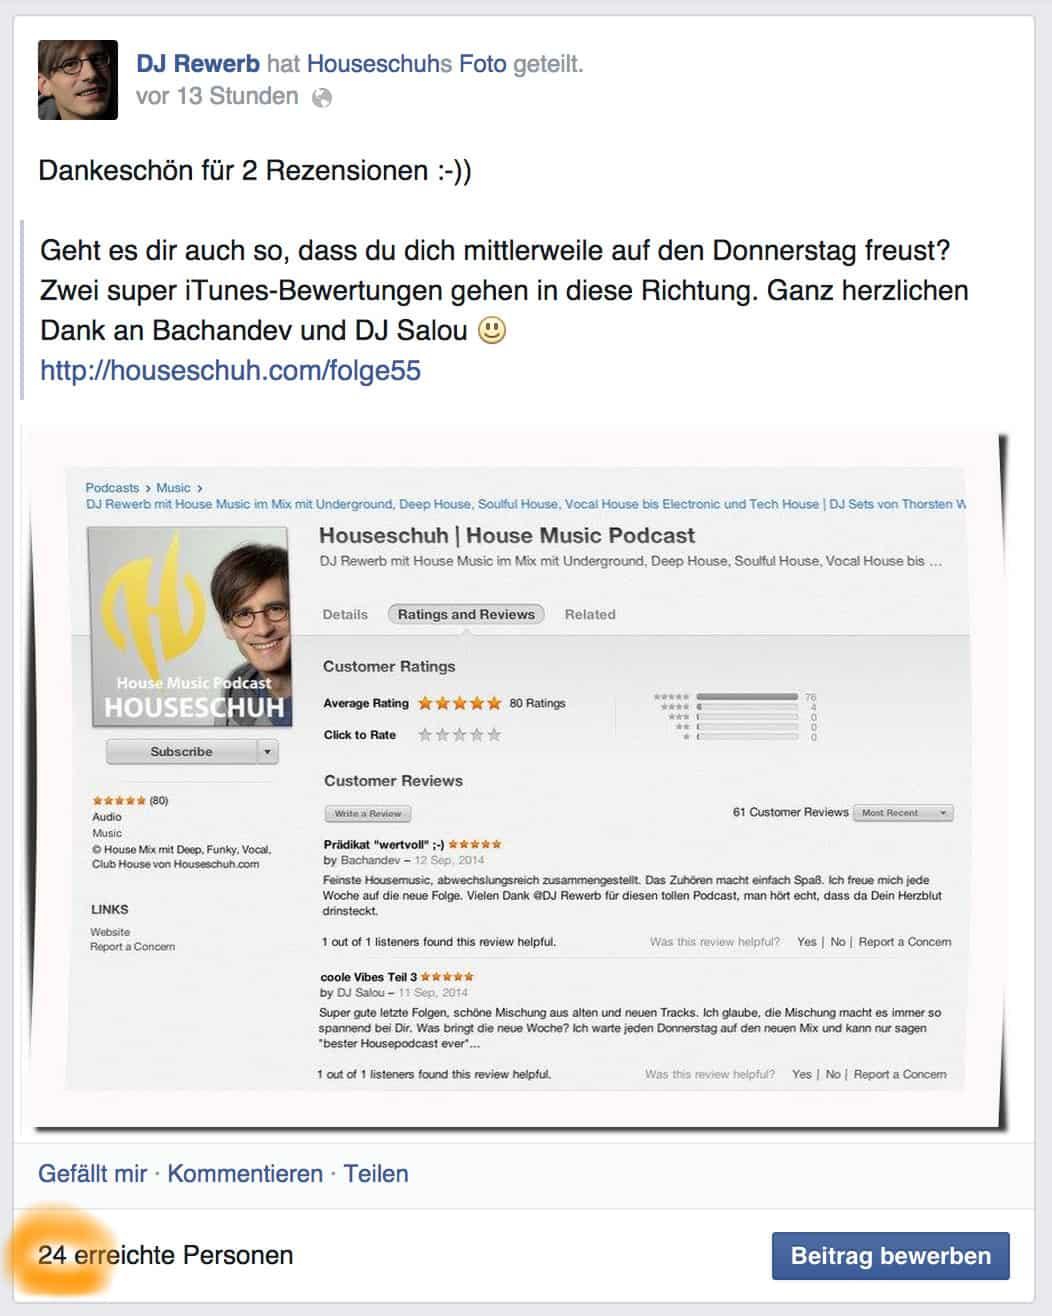 e7ca2abb79 Cross-PR - Wie mache ich Werbung bei Facebook, ohne dafür zu ...